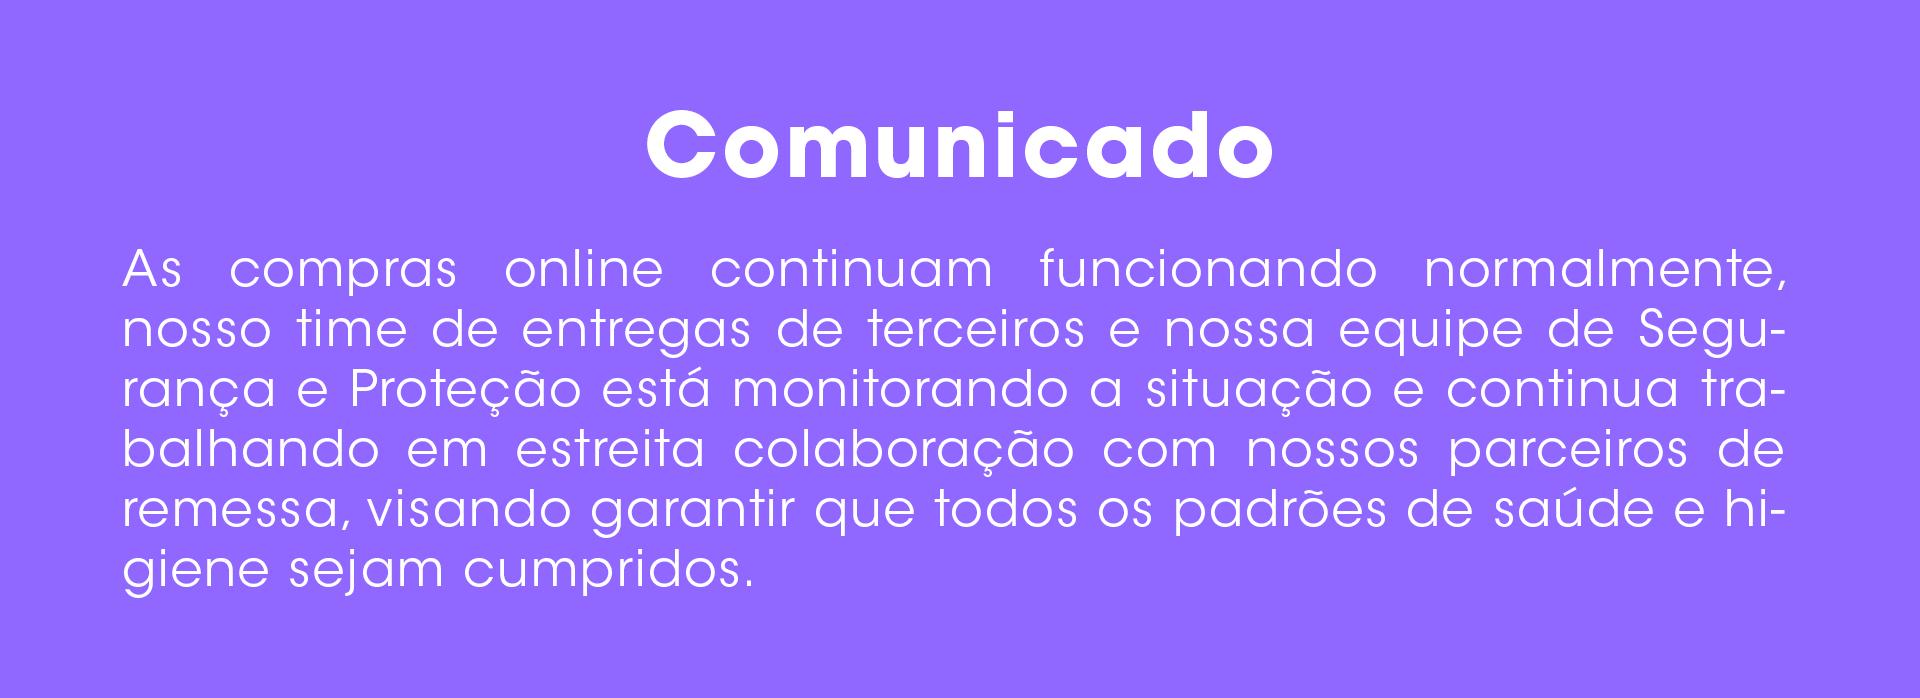 Comunidado CoronaVirus